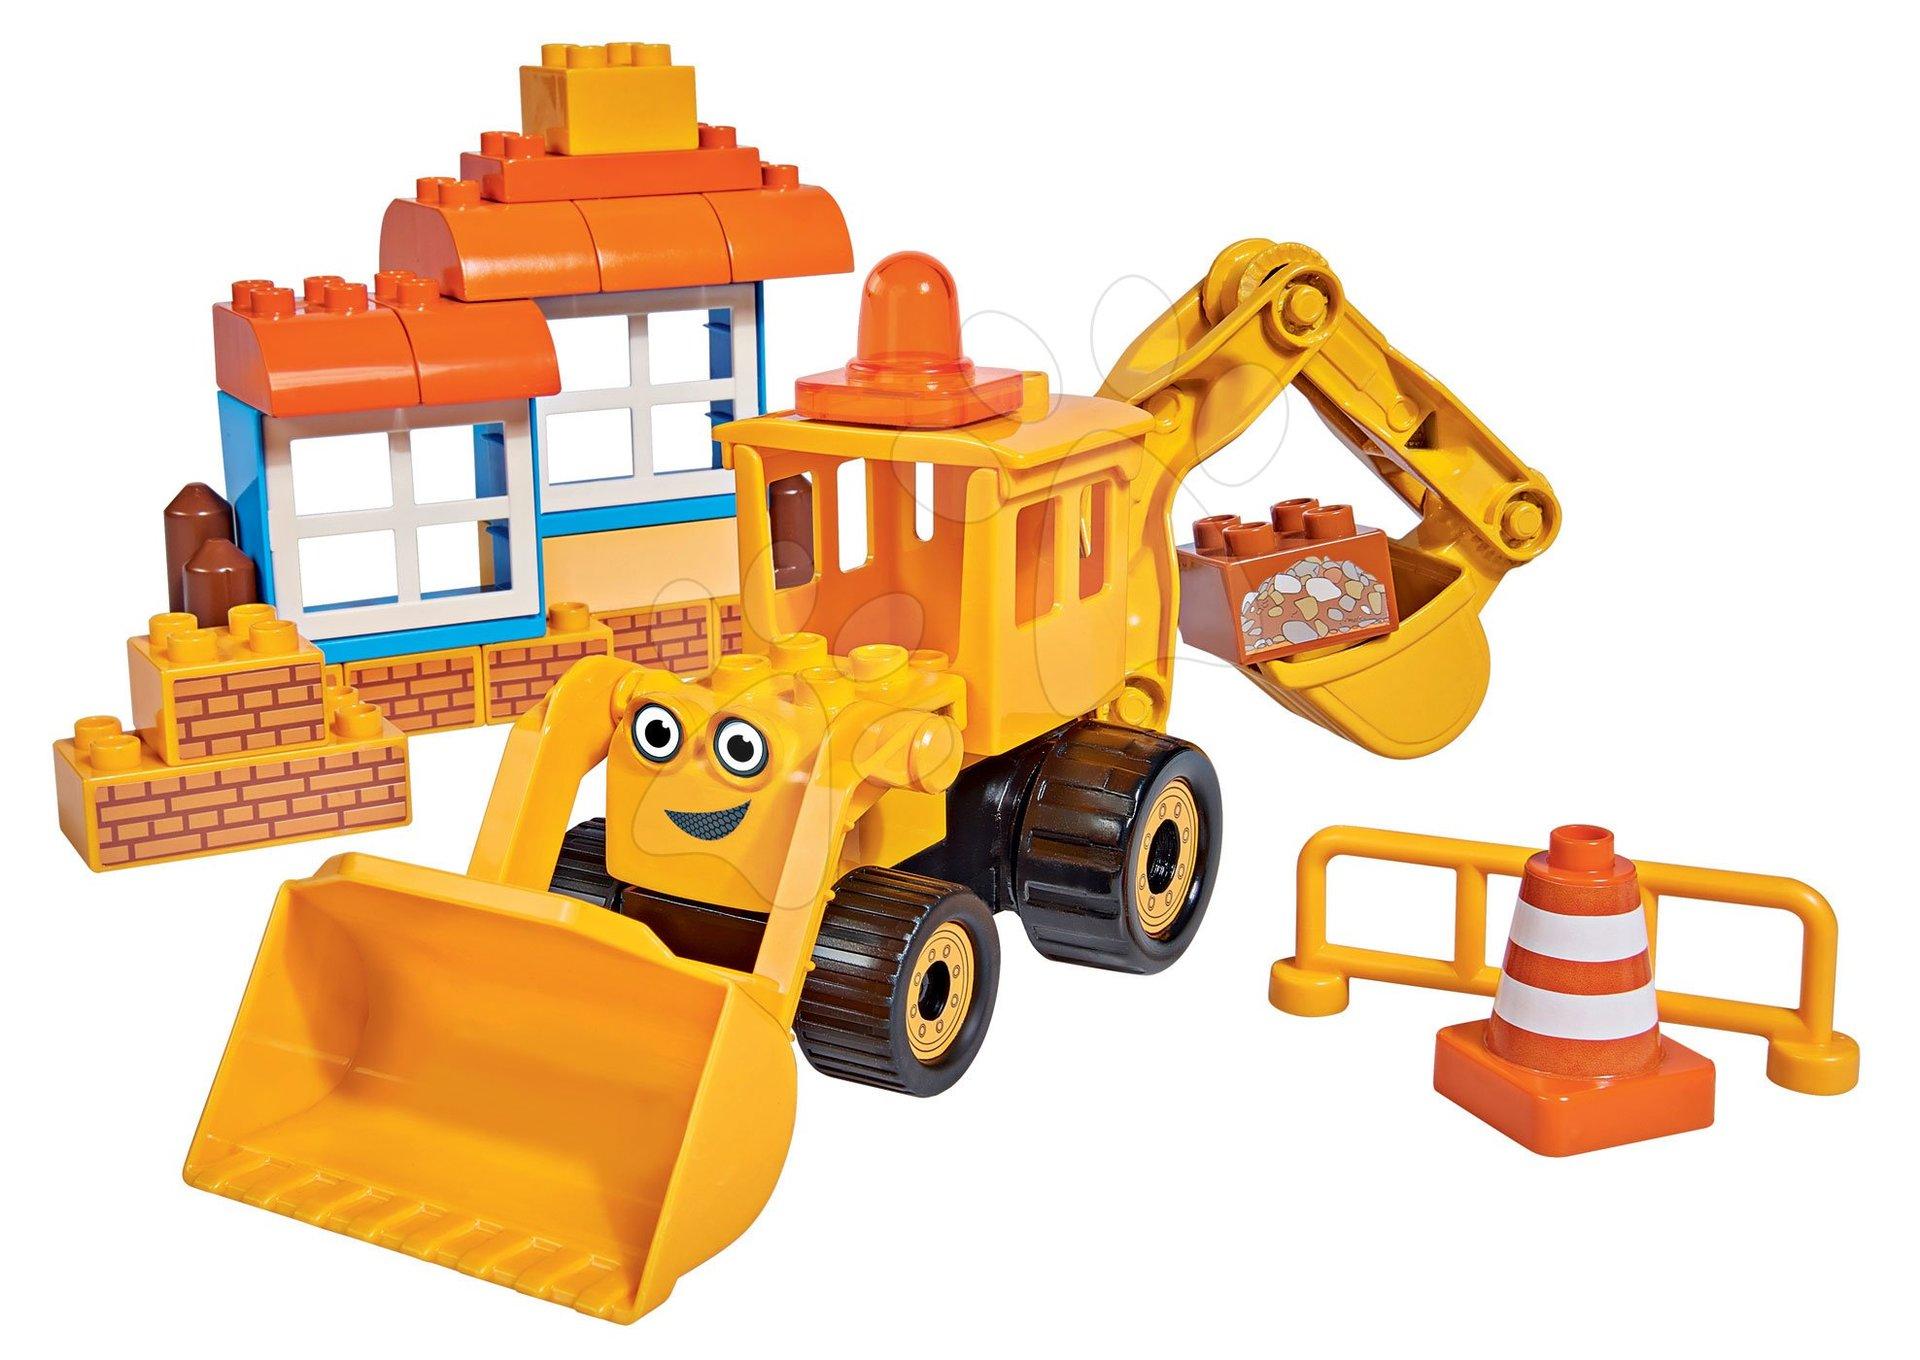 BIG stavebnica Staviteľ Bob PlayBIG Bloxx stavebný stroj 40 dielov 57123